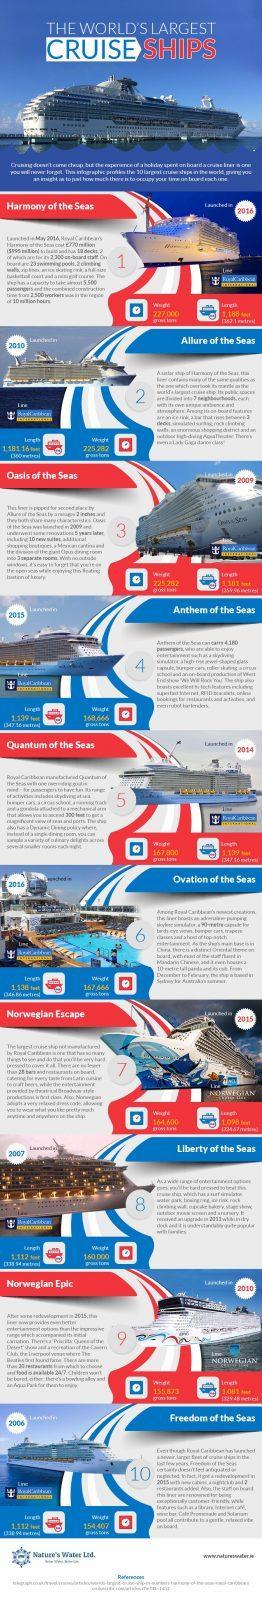 The Worlds Largest Cruise Ships Infographic Thinkingoftravelcom - Top 10 biggest cruise ships